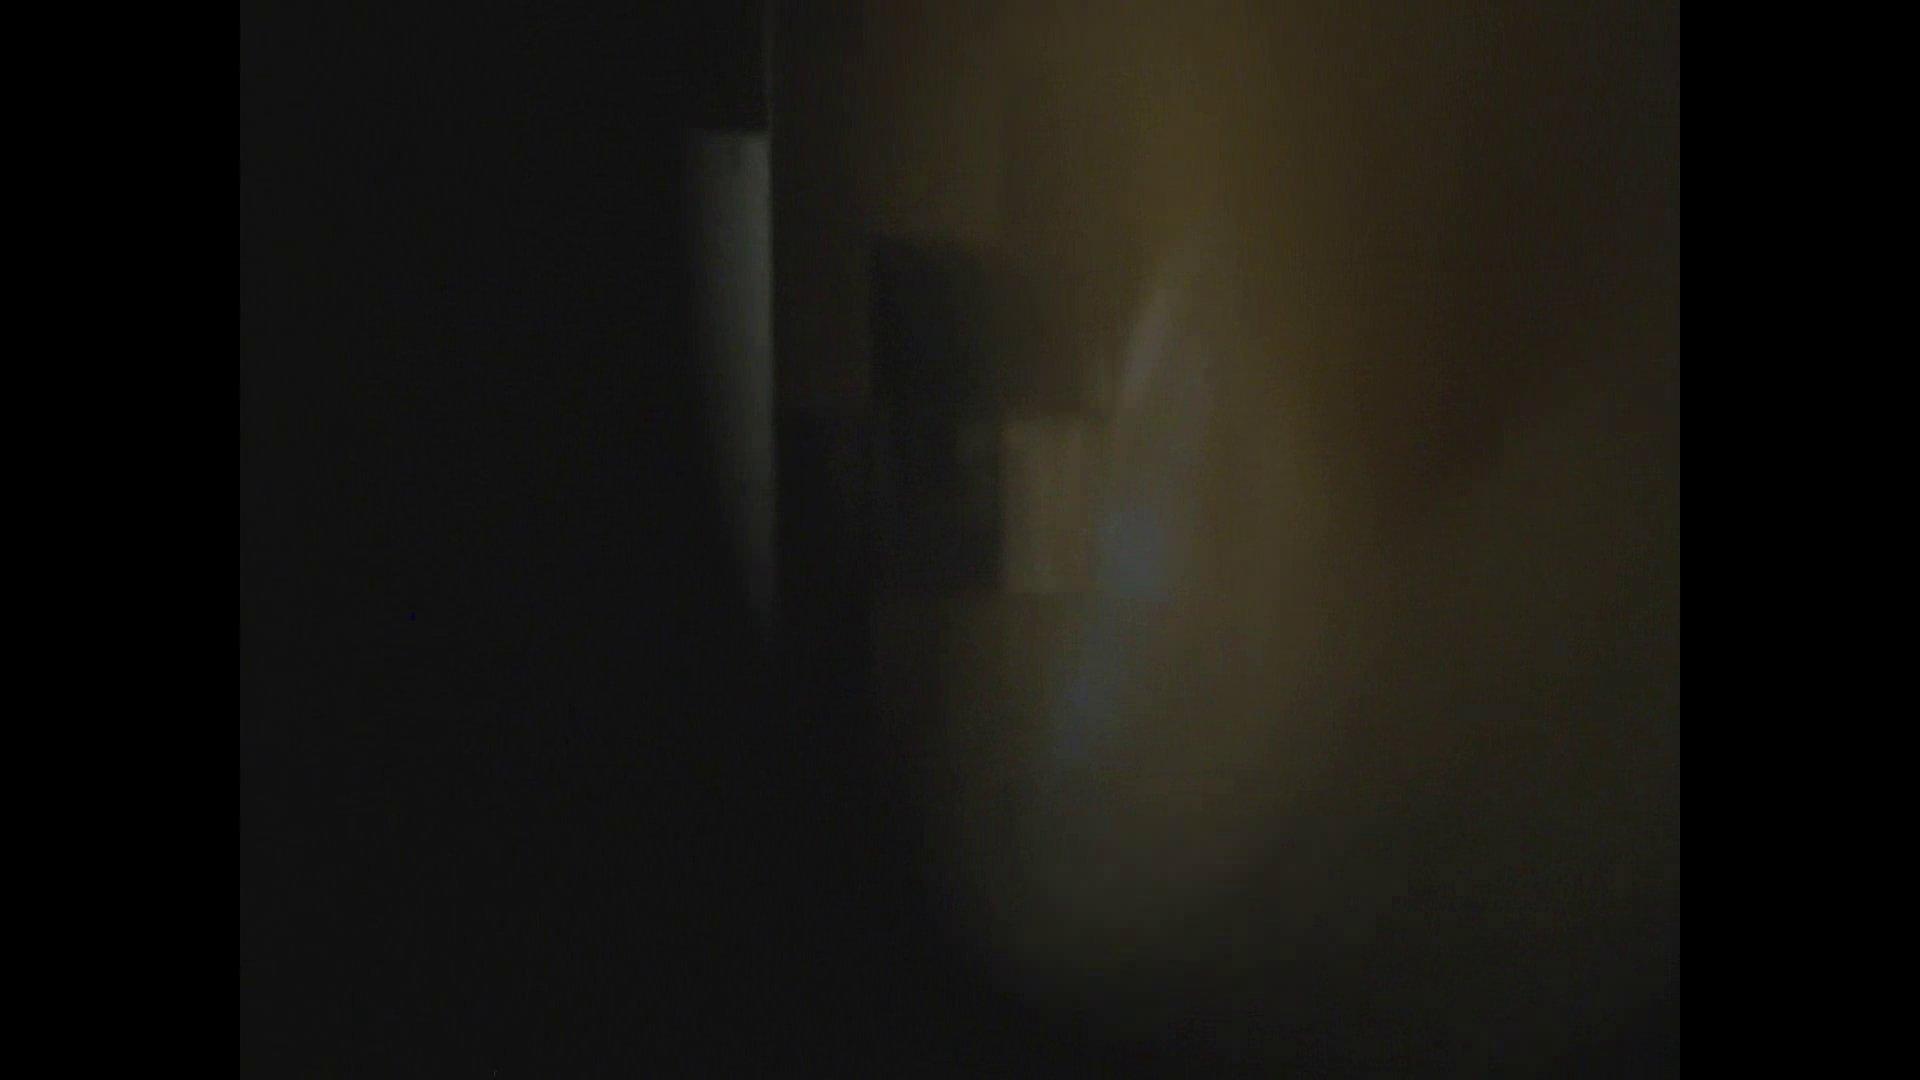 イケメンの素顔in洗面所 Vol.06 イケメンのsex | 0  106pic 86